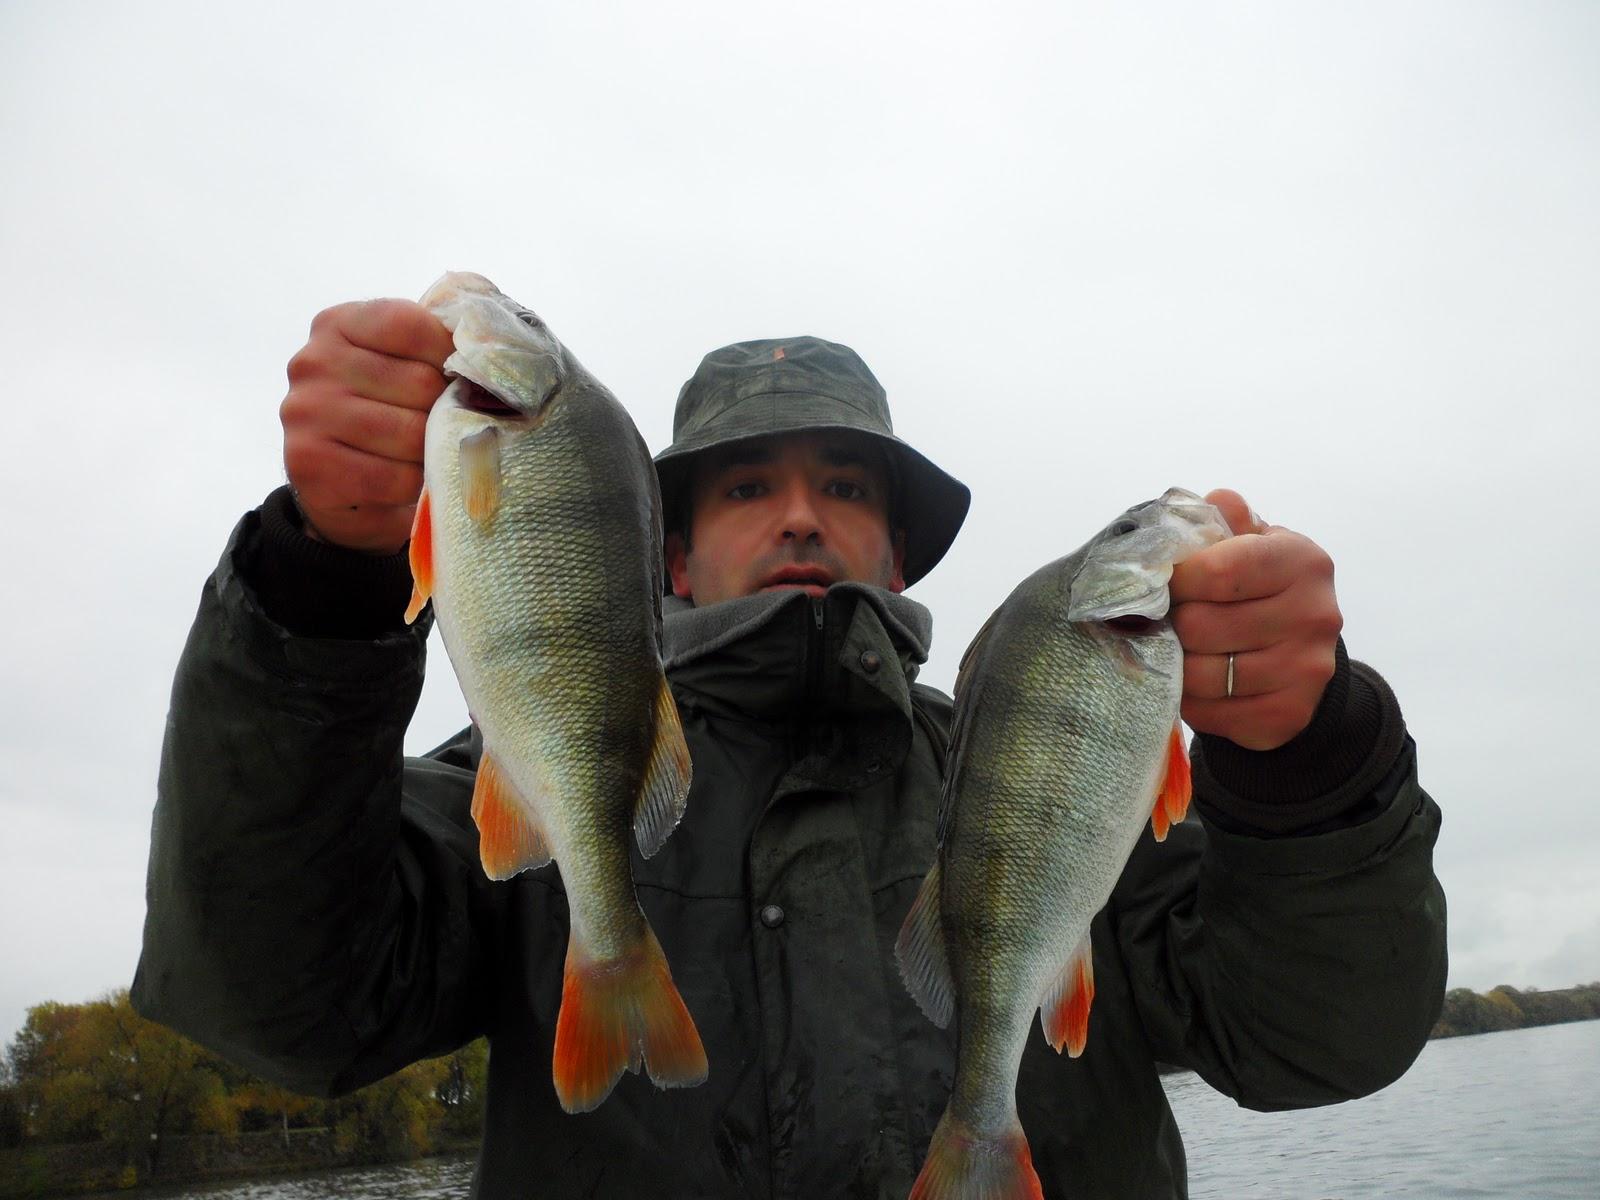 Acheter le fichu pour la pêche dhiver à ekaterinbourge